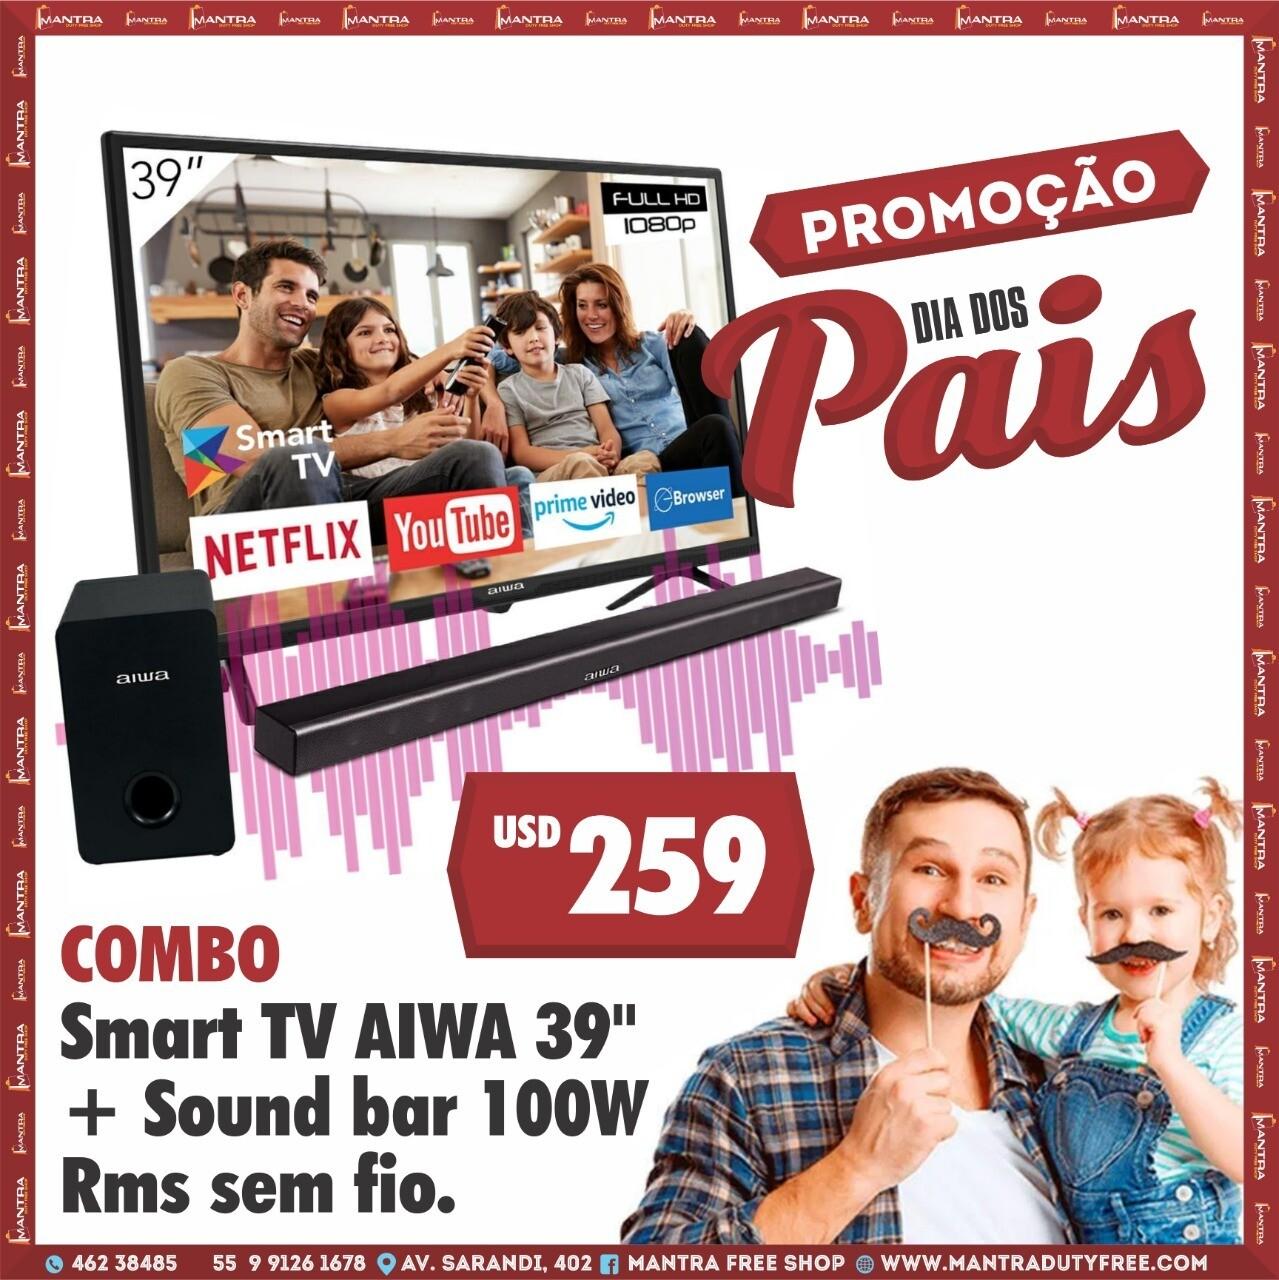 """Promo Dia dos Pais Tv Smart 39"""" Aiwa + Sound bar 100W RMS sem fio"""